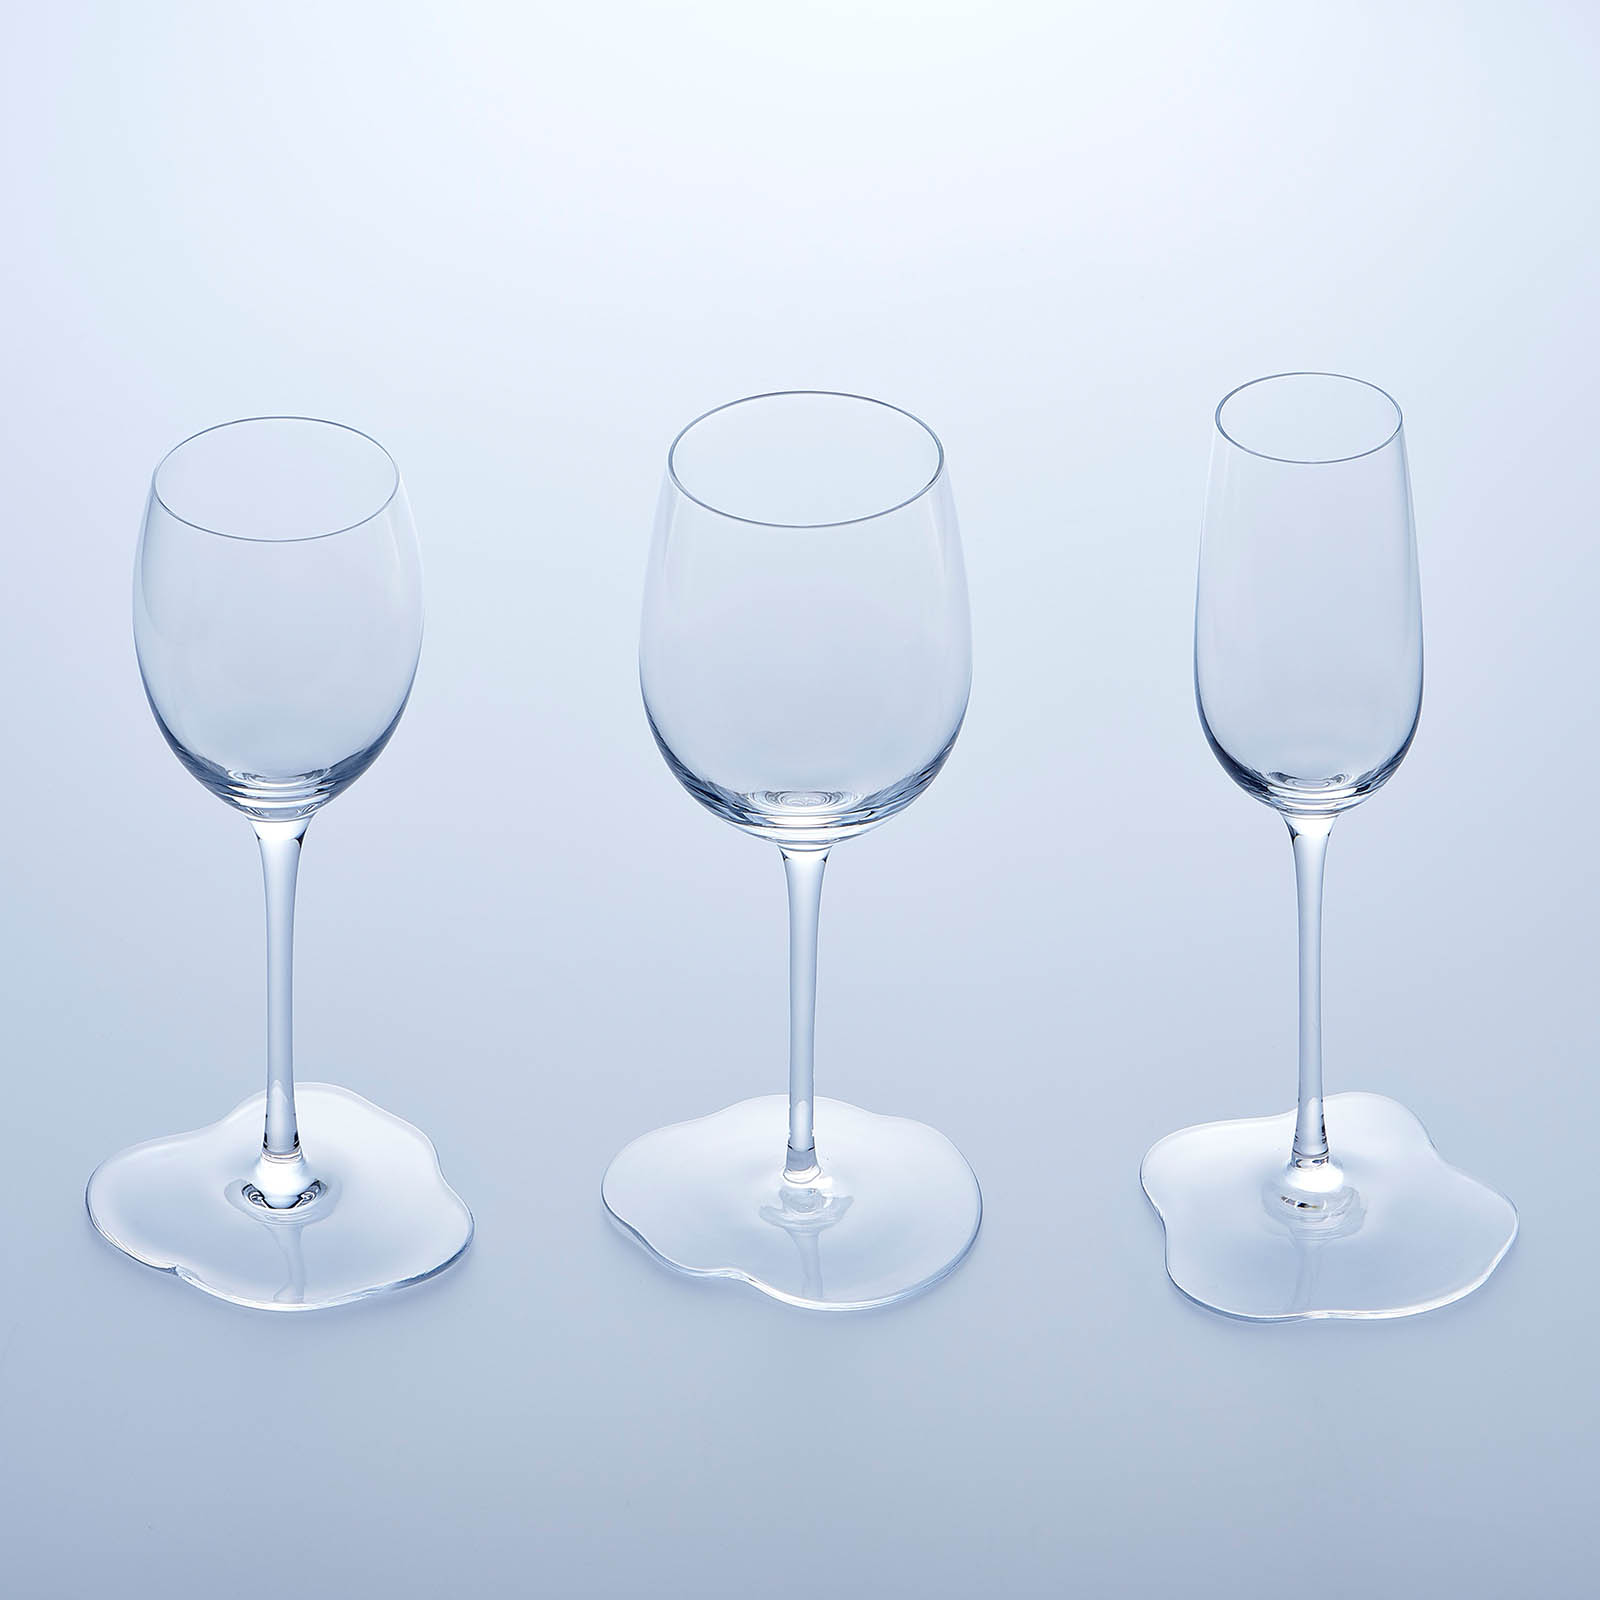 フェノム:ミズモレグラス ホワイトワイン